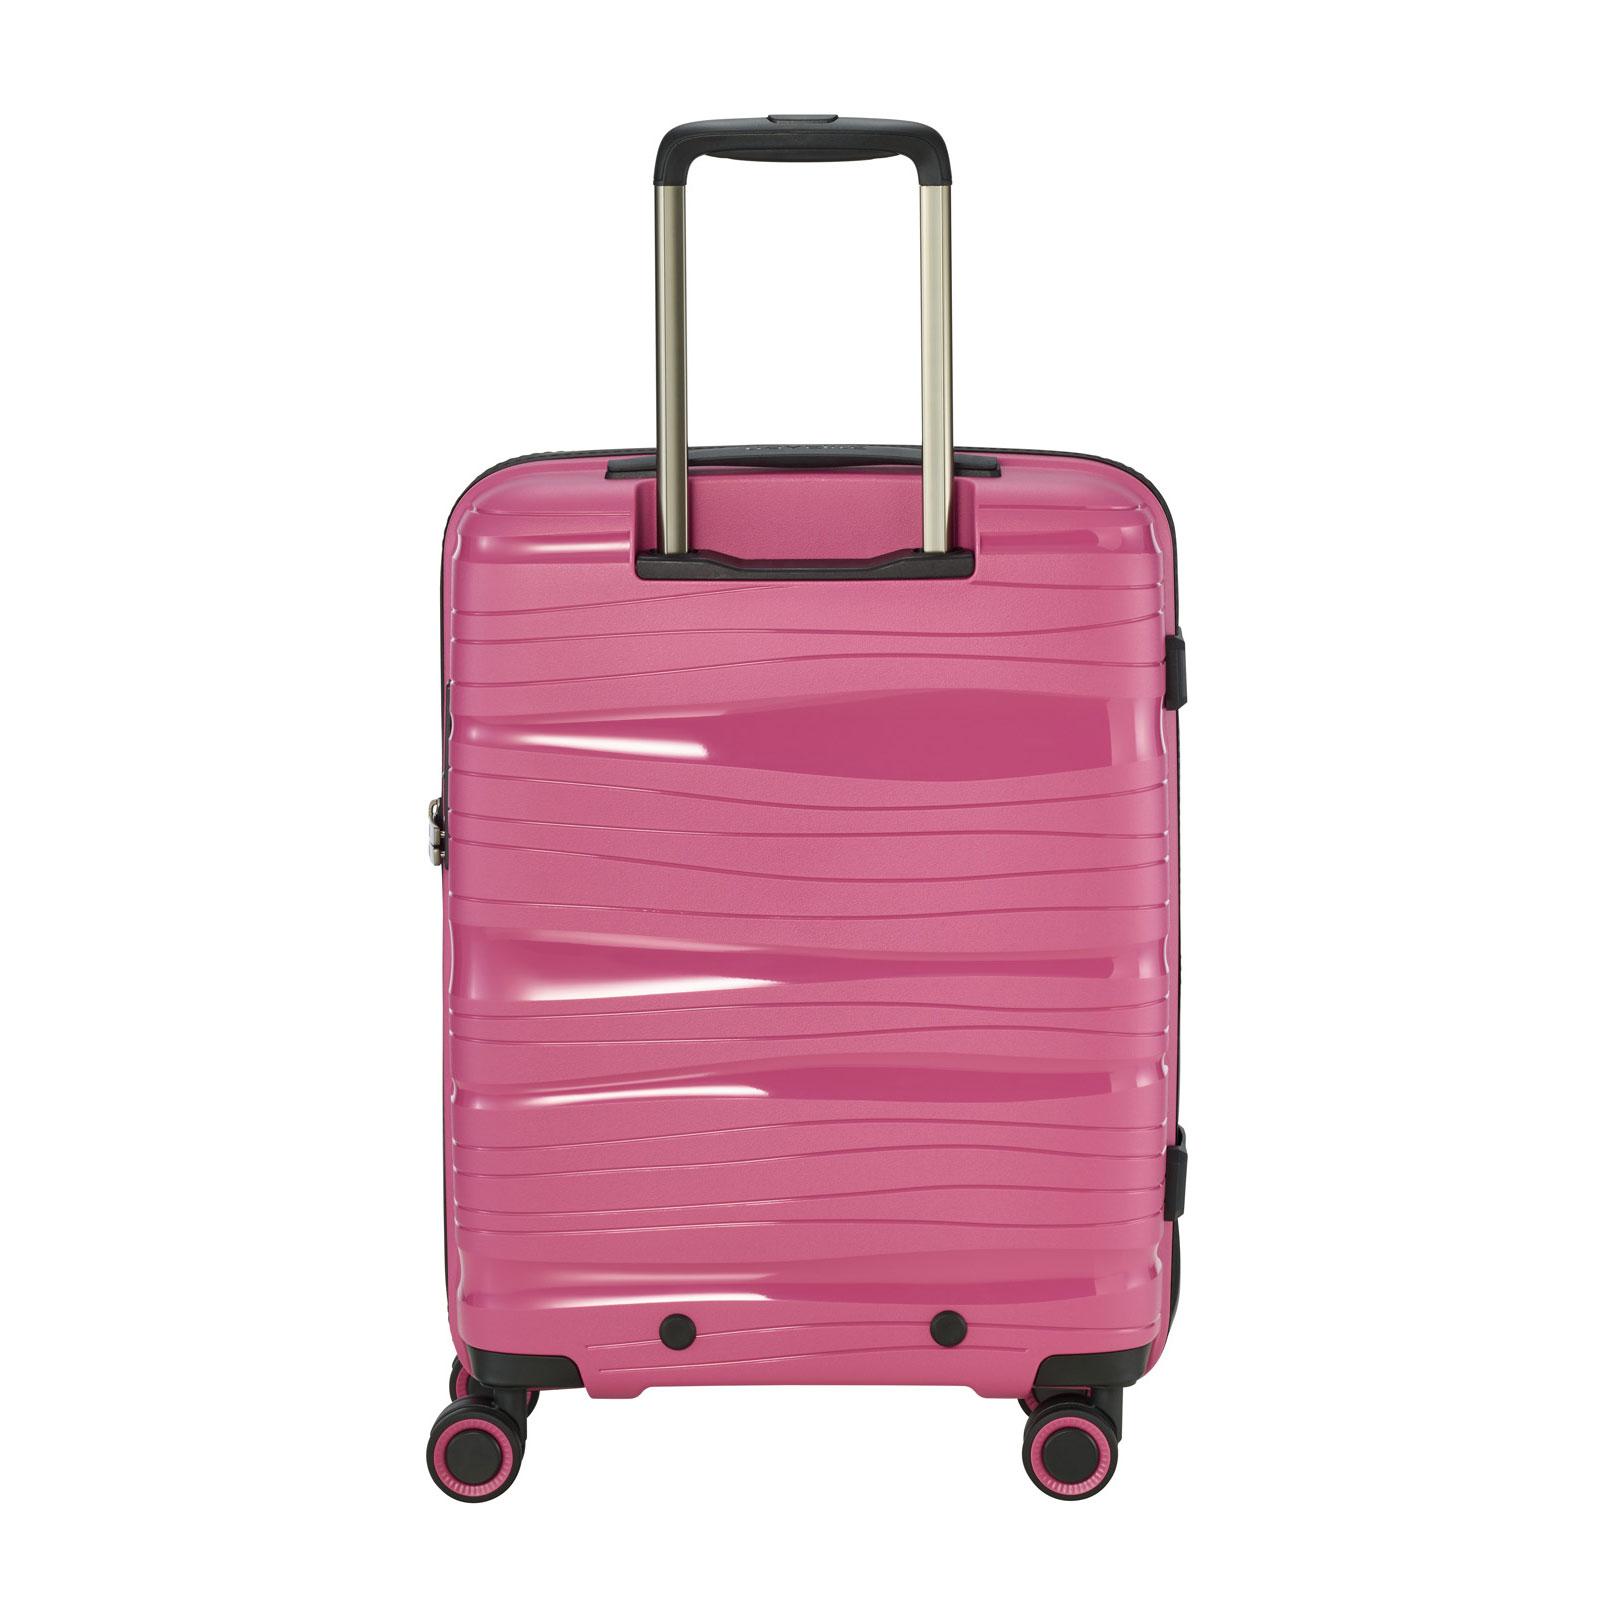 travelite Motion Kabinentrolley 55 cm 4 Rollen günstig kaufen